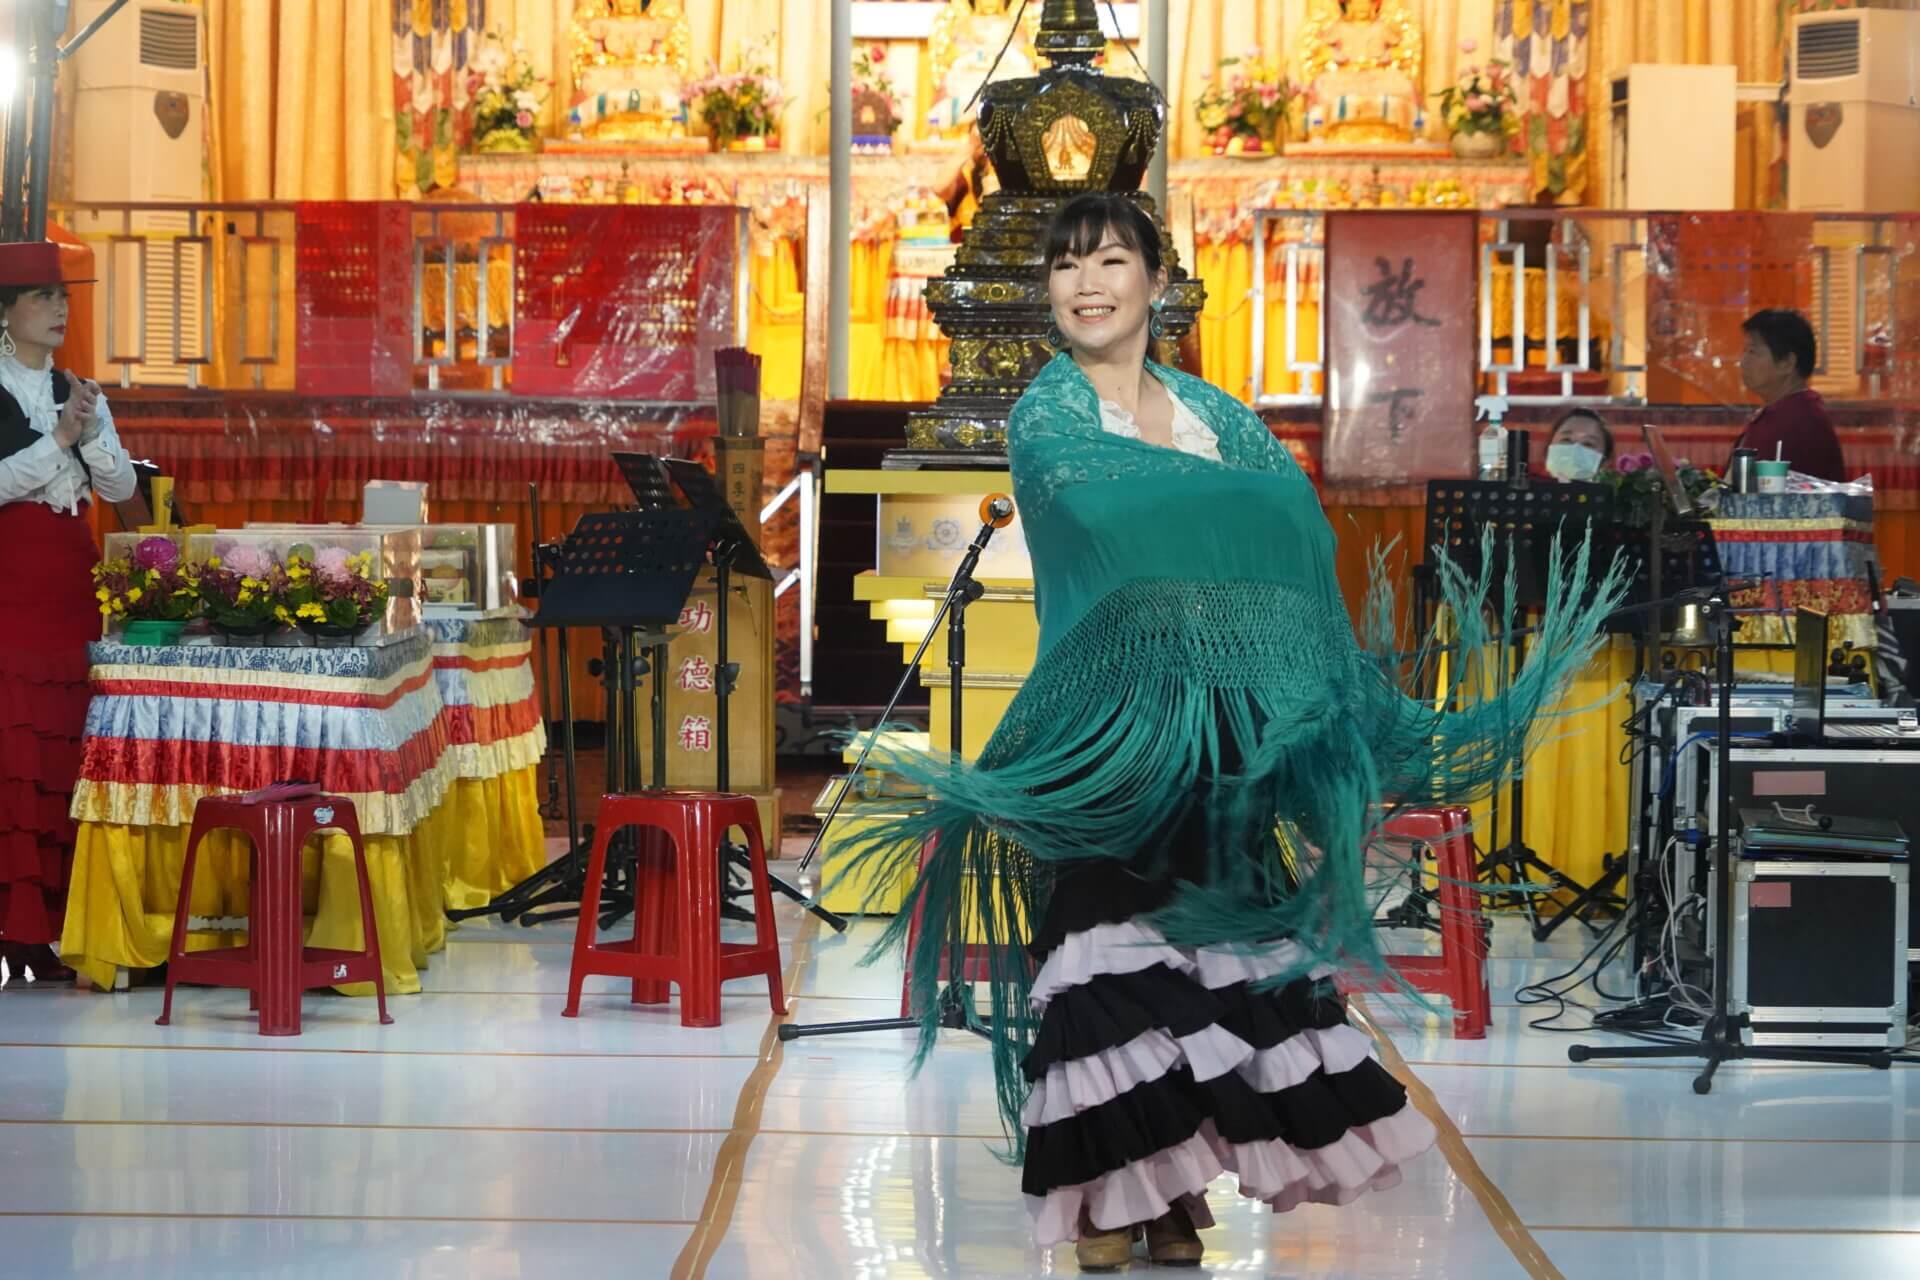 行動佛殿112站台北市政府,影飛旋佛朗明哥舞團公益演出